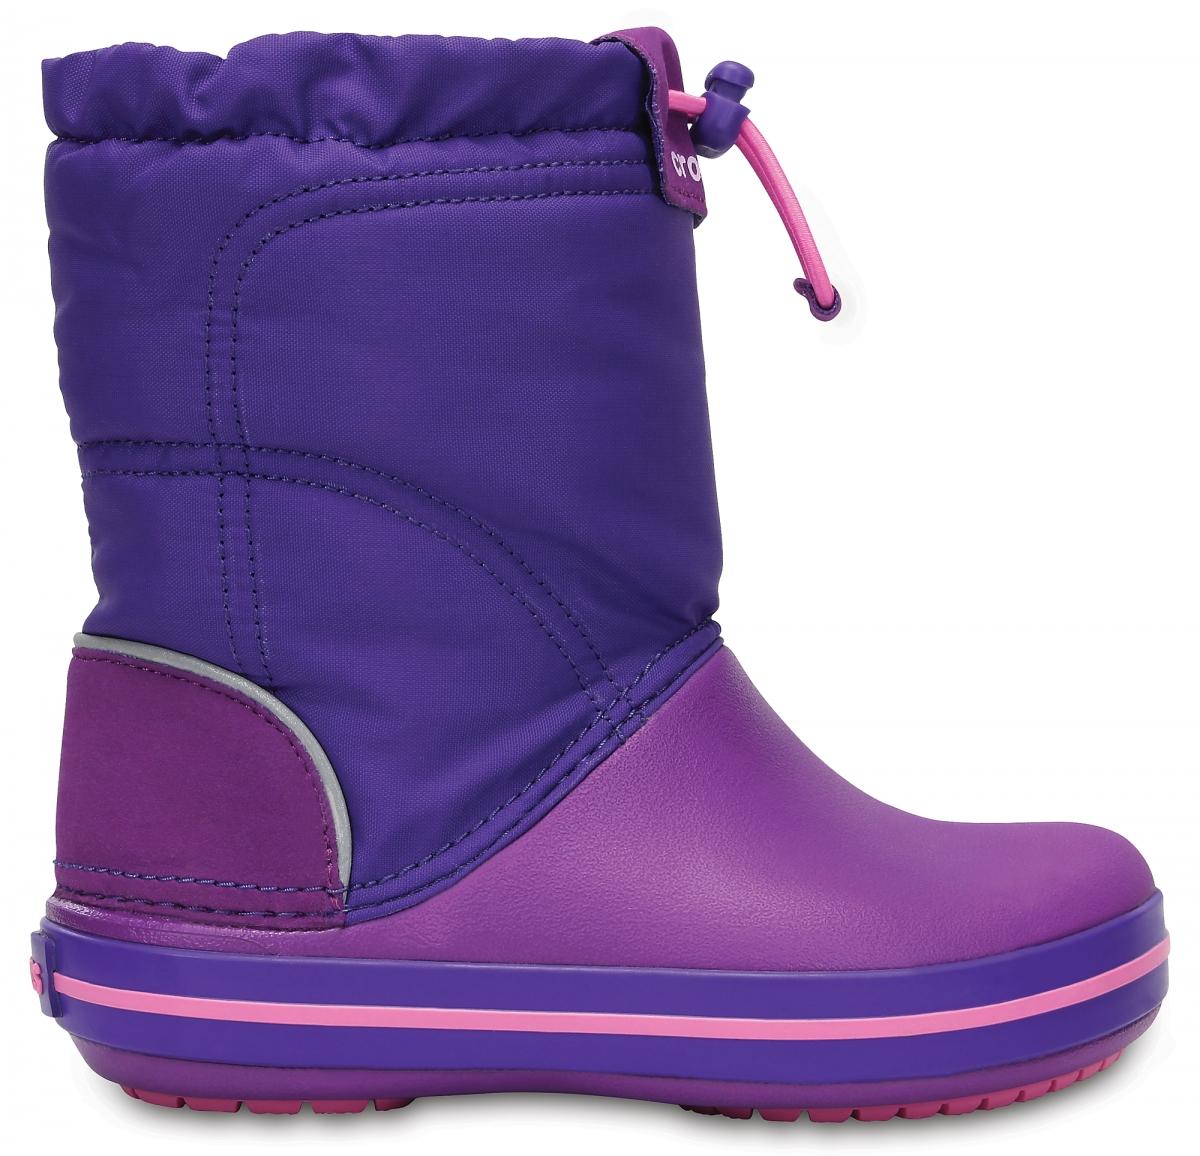 Crocs Crocband LodgePoint Boot Kids - Amethyst/Ultraviolet, J1 (32-33)